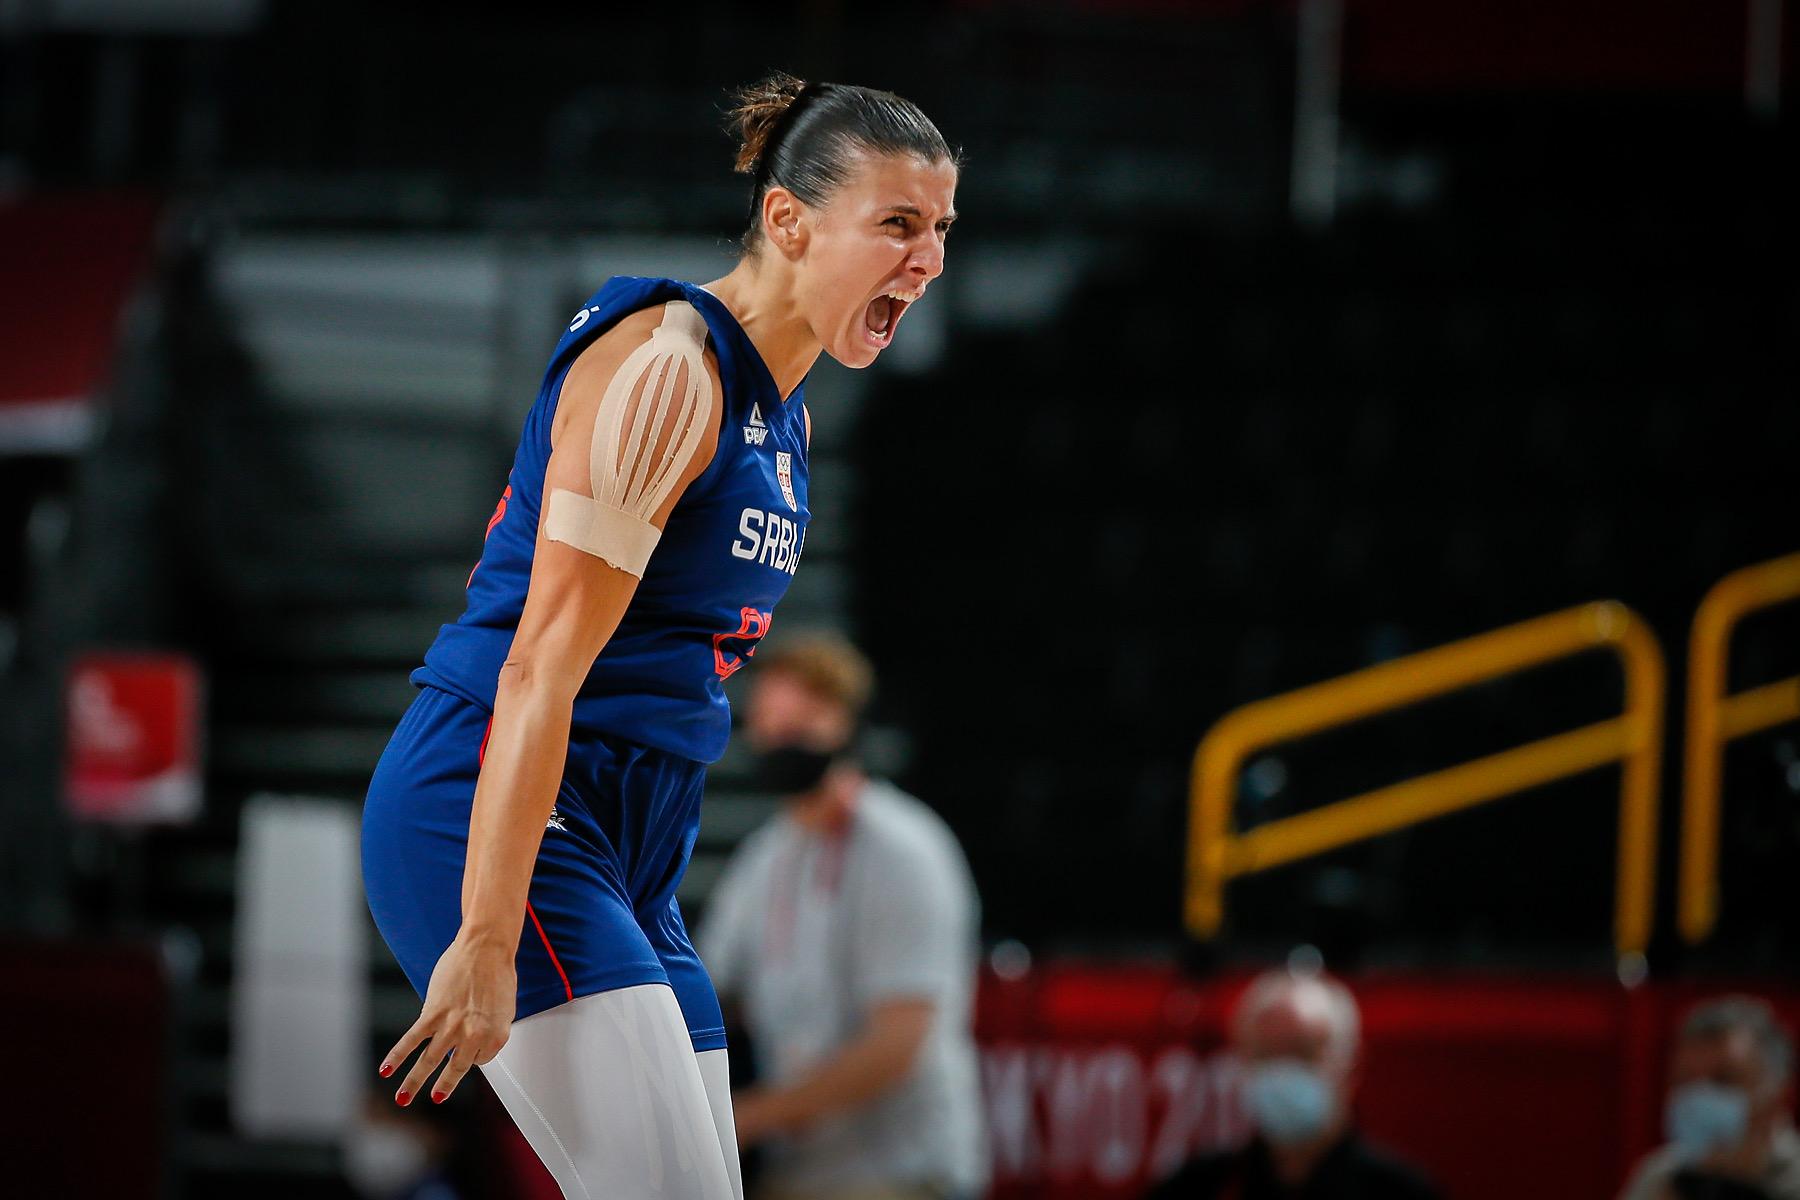 Košarkašice Srbije se plasirale u polufinale Olimpijskih igara